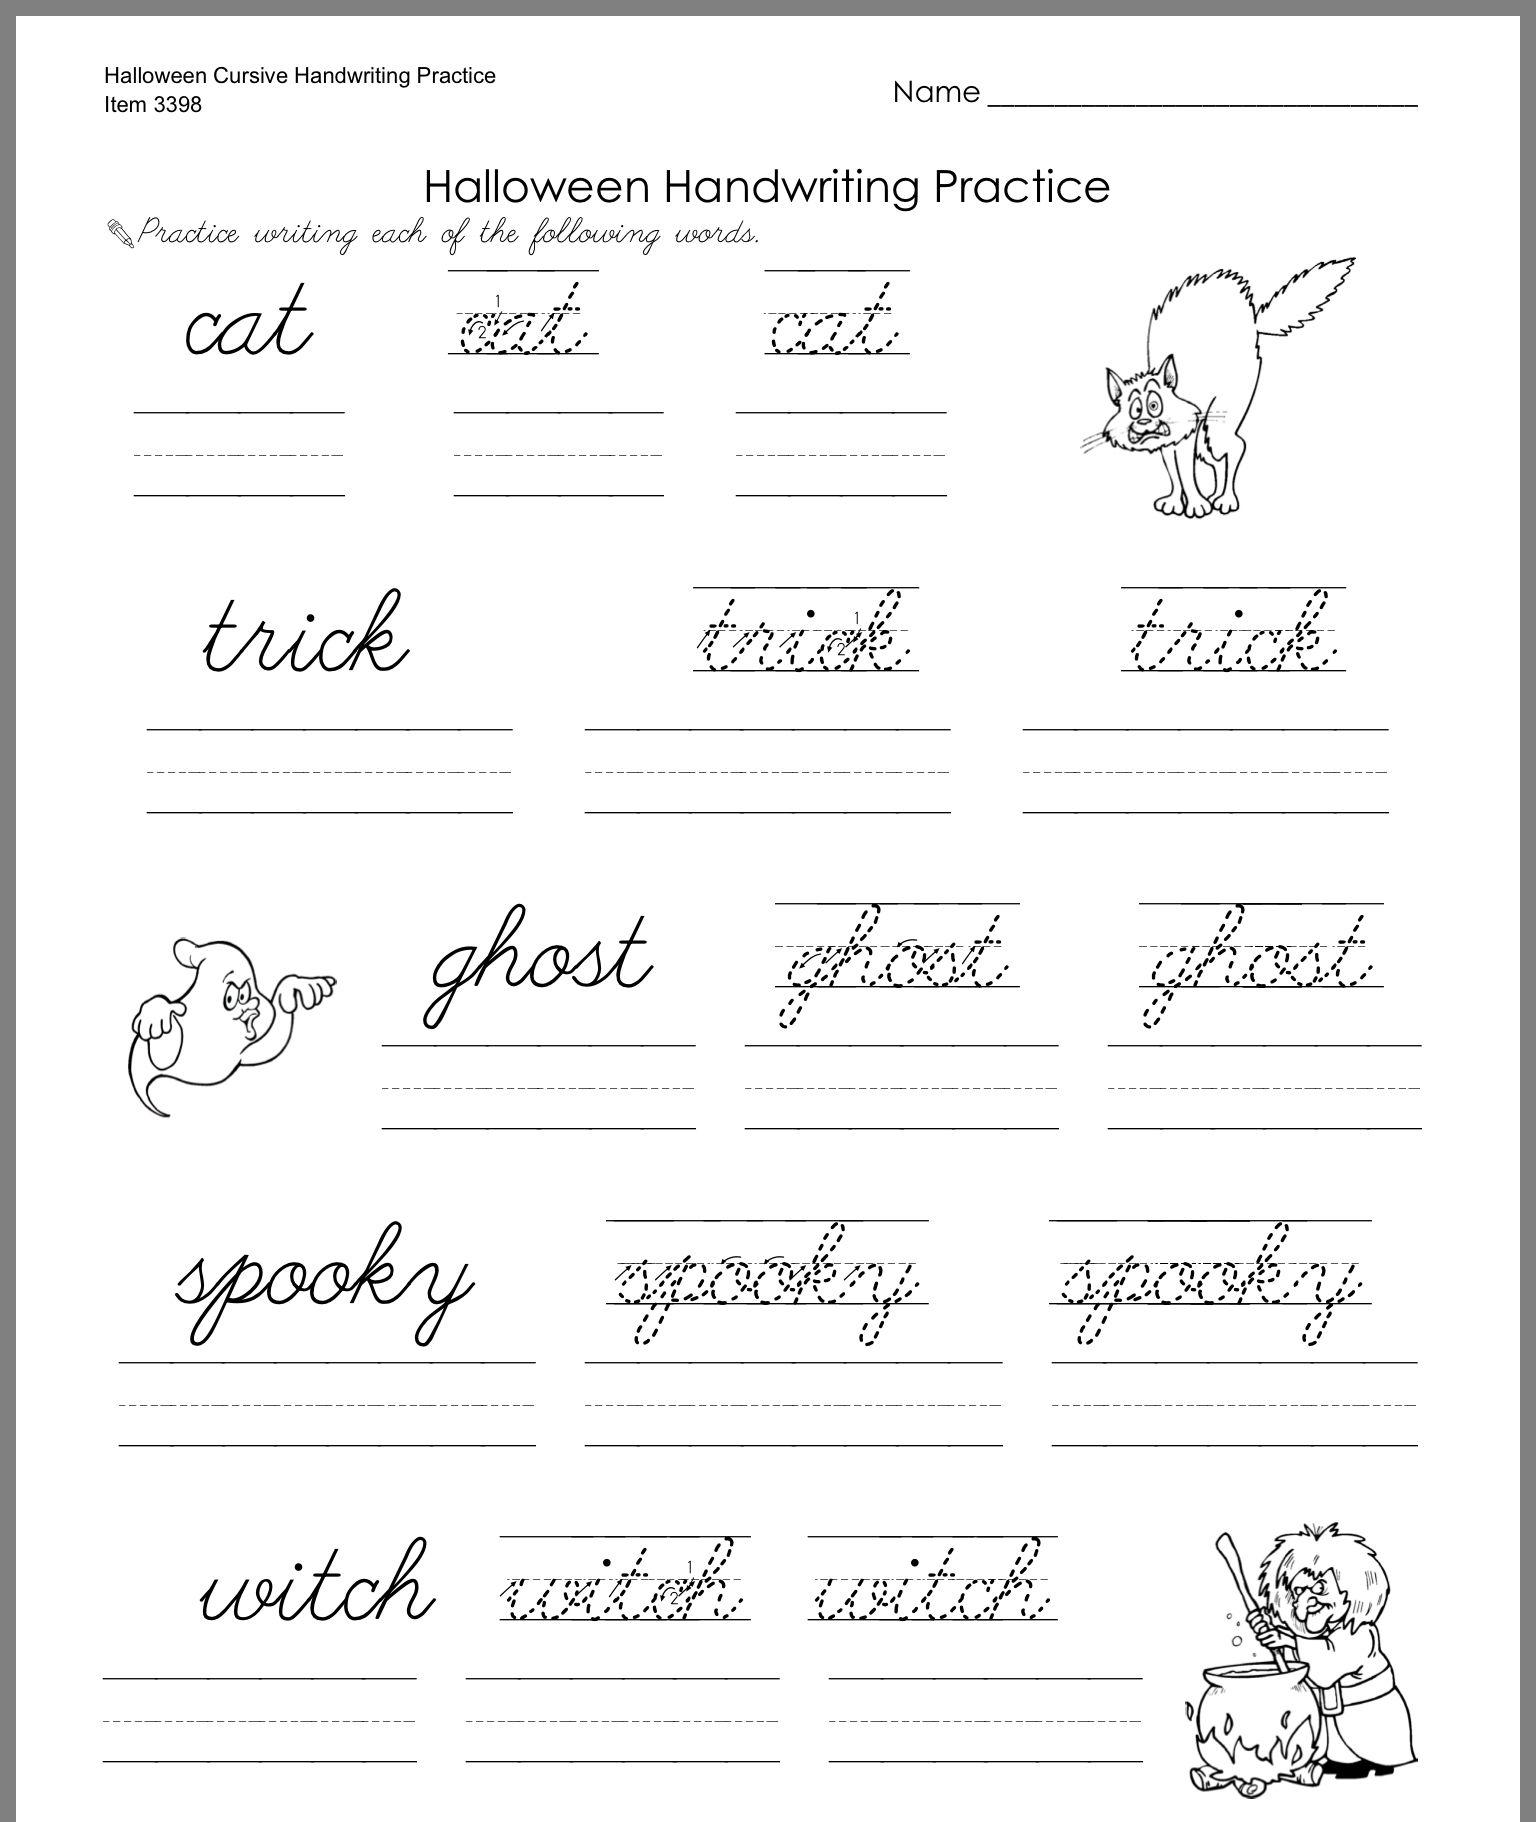 Pin By Rhoda Jane Olmstead On Homeschooling Handwriting Practice Cursive Words [ 1822 x 1536 Pixel ]